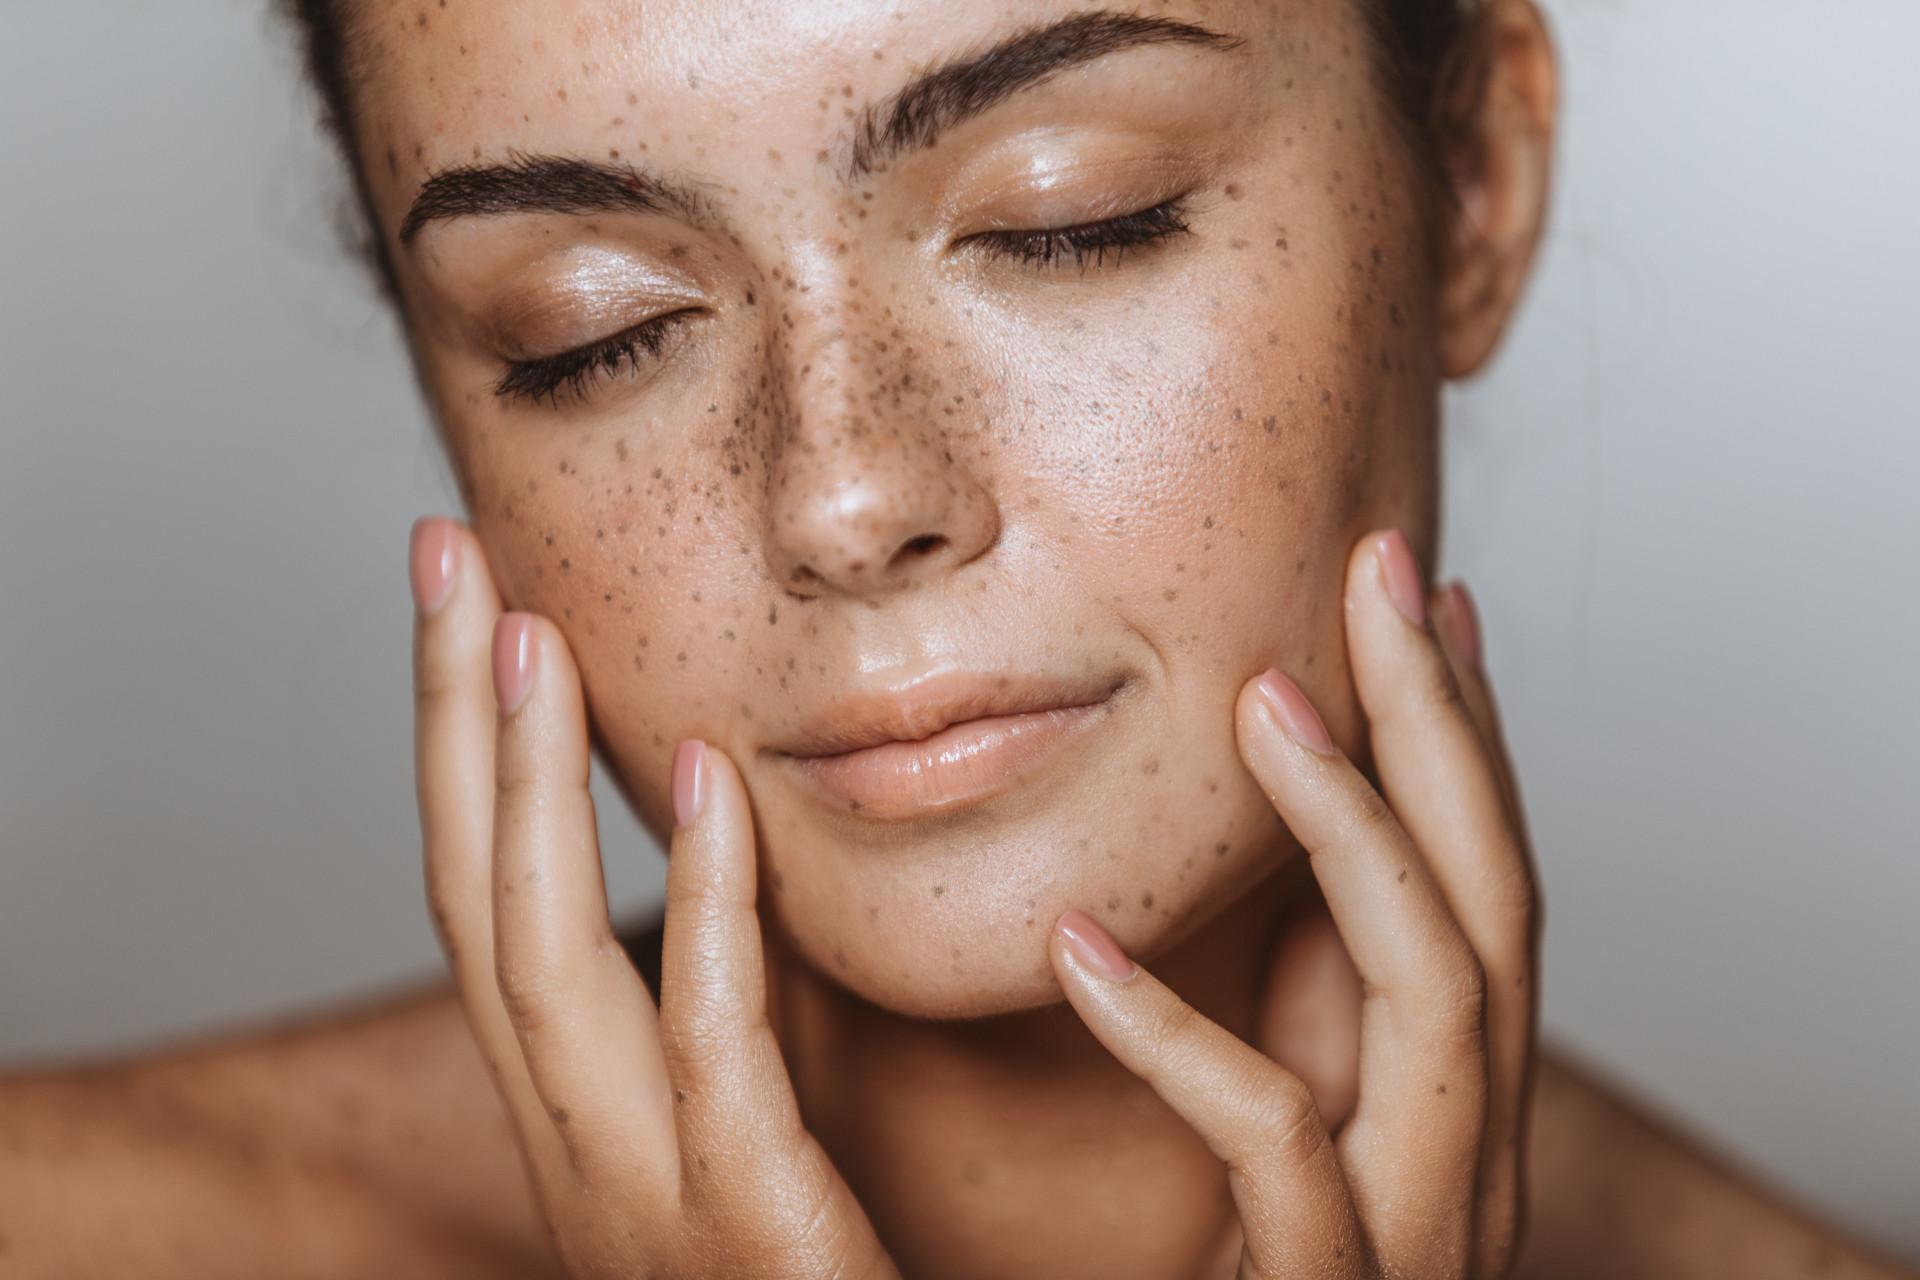 Жирная кожа лица что делать, как лечить и ухаживать